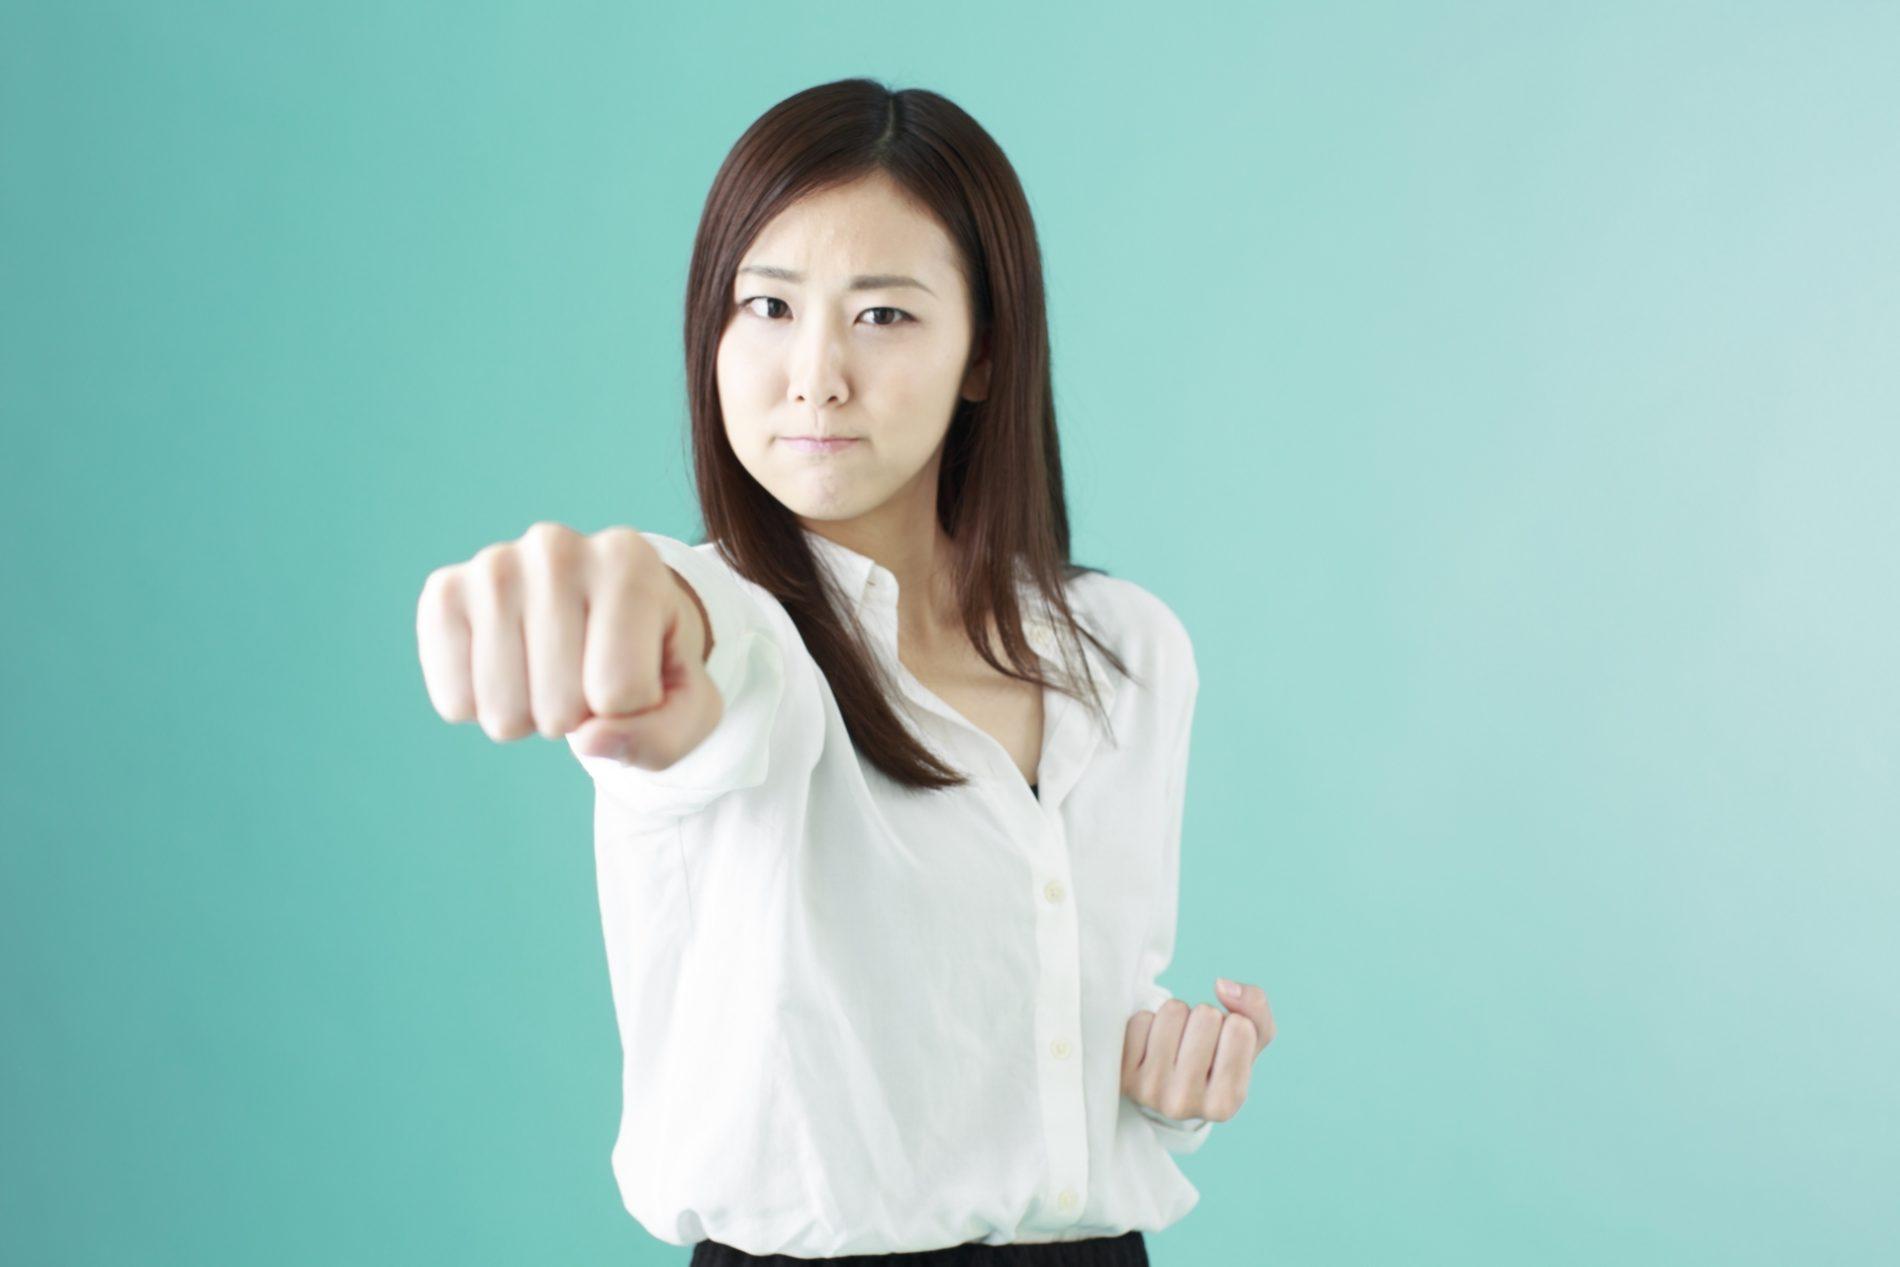 32歳鈴木さんがバストアップに励んだ奮闘記!ふっくらバストにチャレンジ